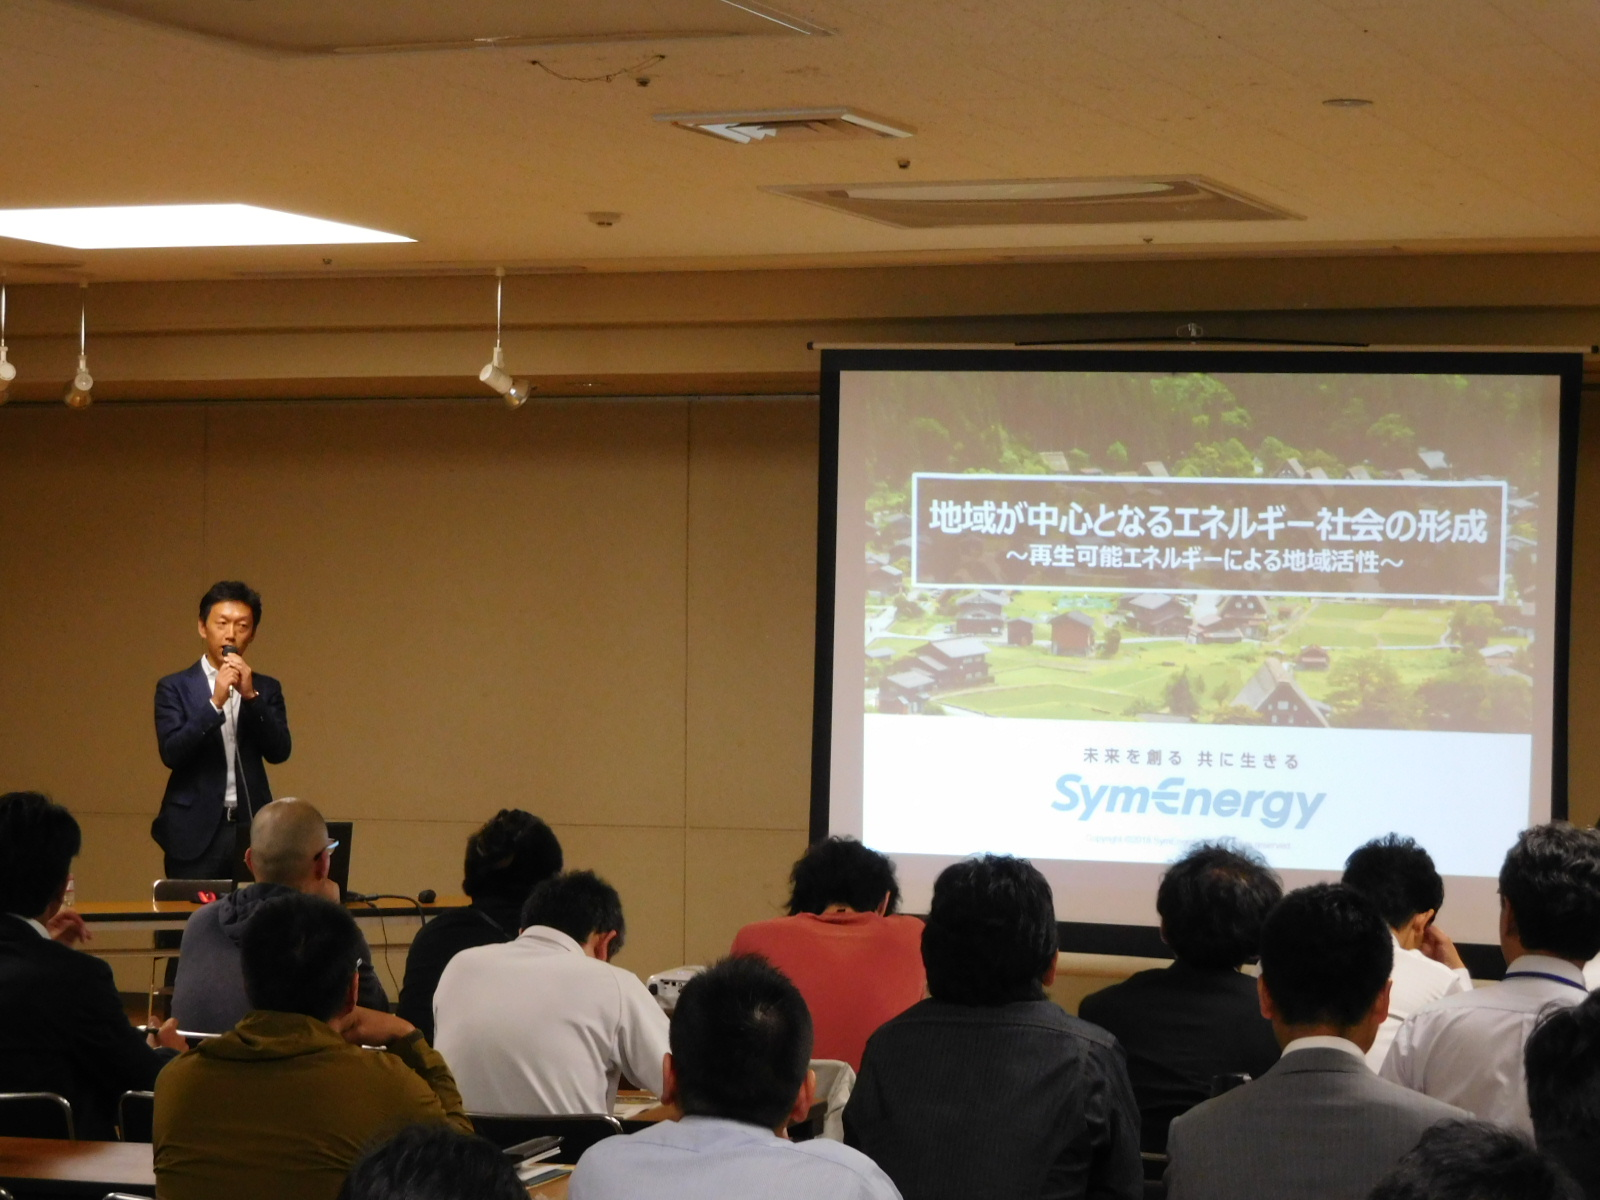 岐阜県主催の「エネルギー地産地消フォーラムin飛騨」で基調講演